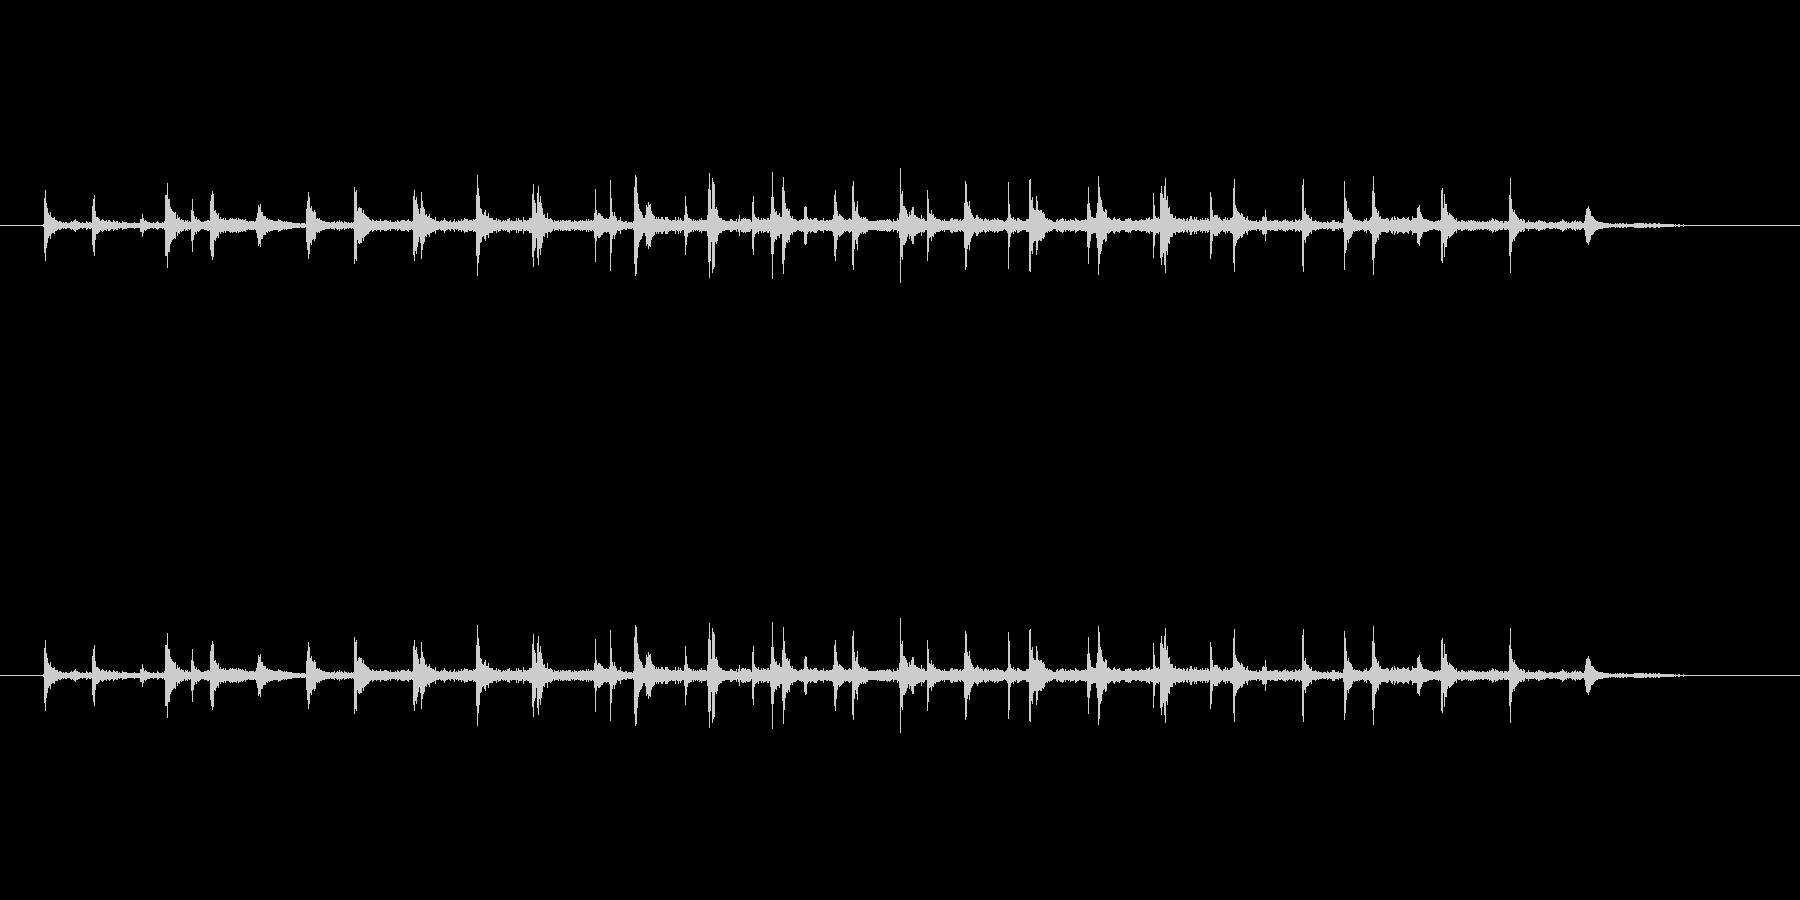 3人の拍手の未再生の波形